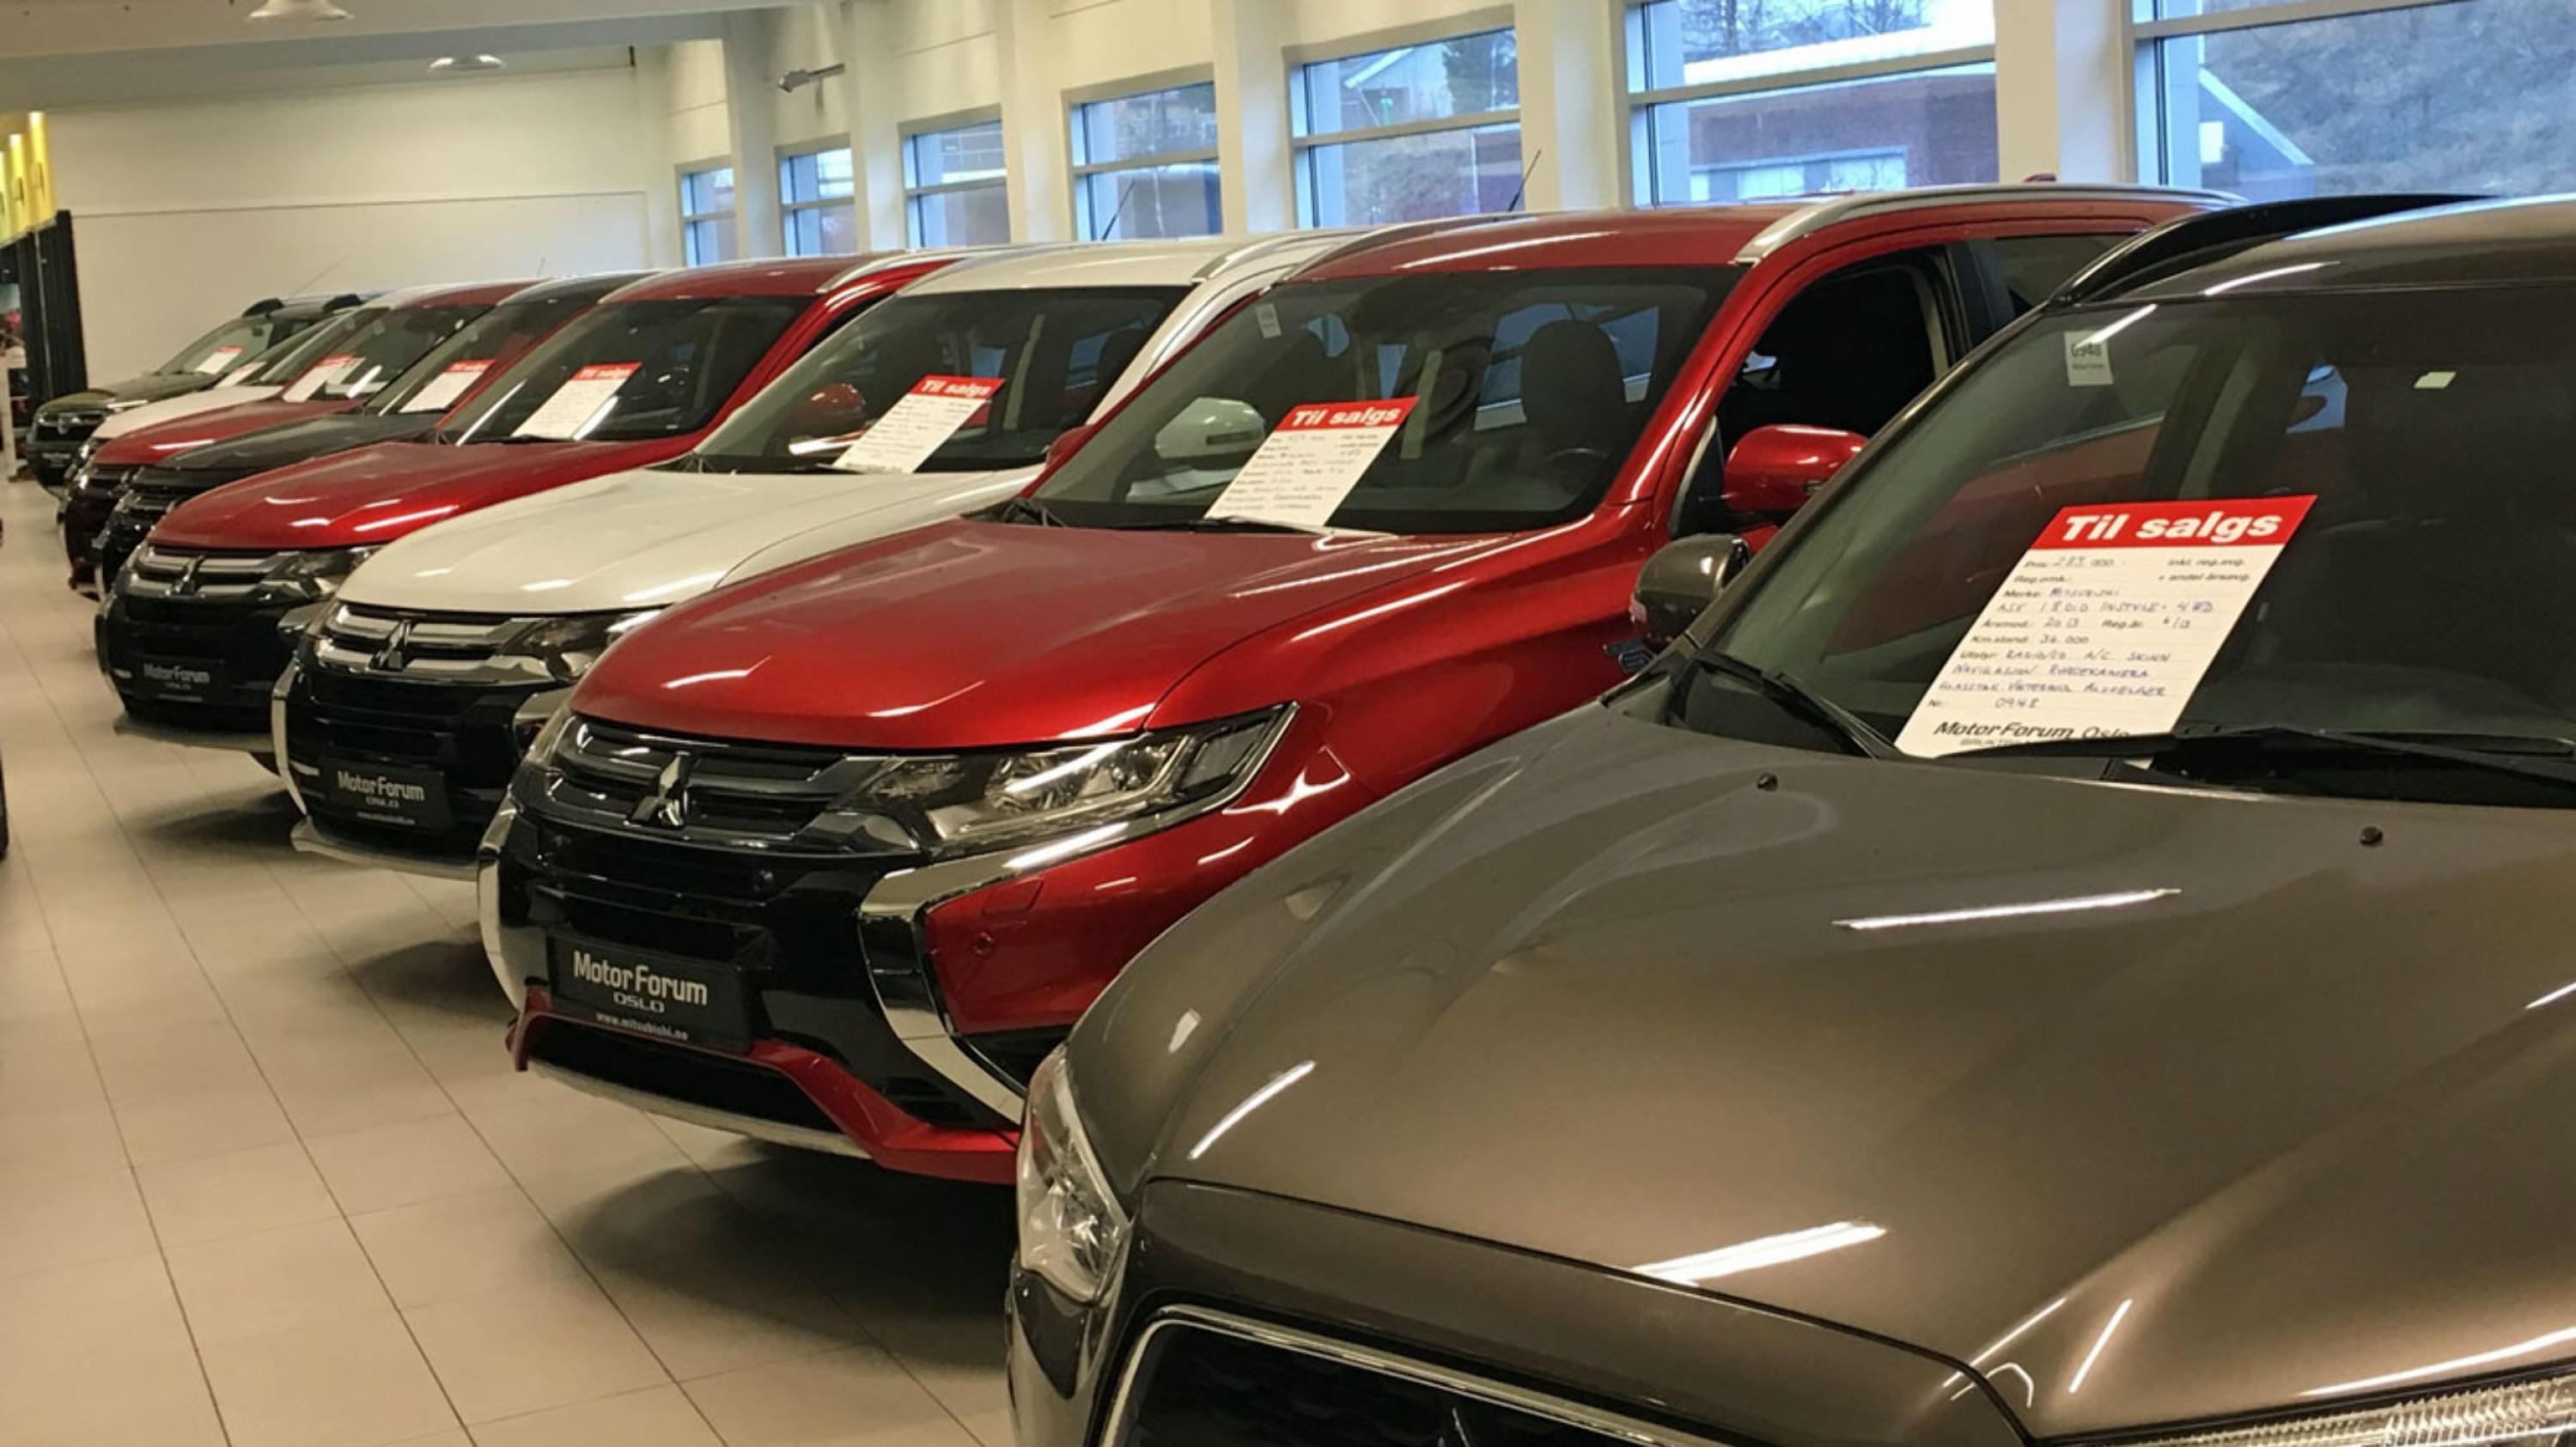 TRE ÅR GAMLE: Det er rekordmange bruktbiler til salgs i Norge akkurat nå. Og det er ikke tilfeldig at mange av dem er tre år gamle.